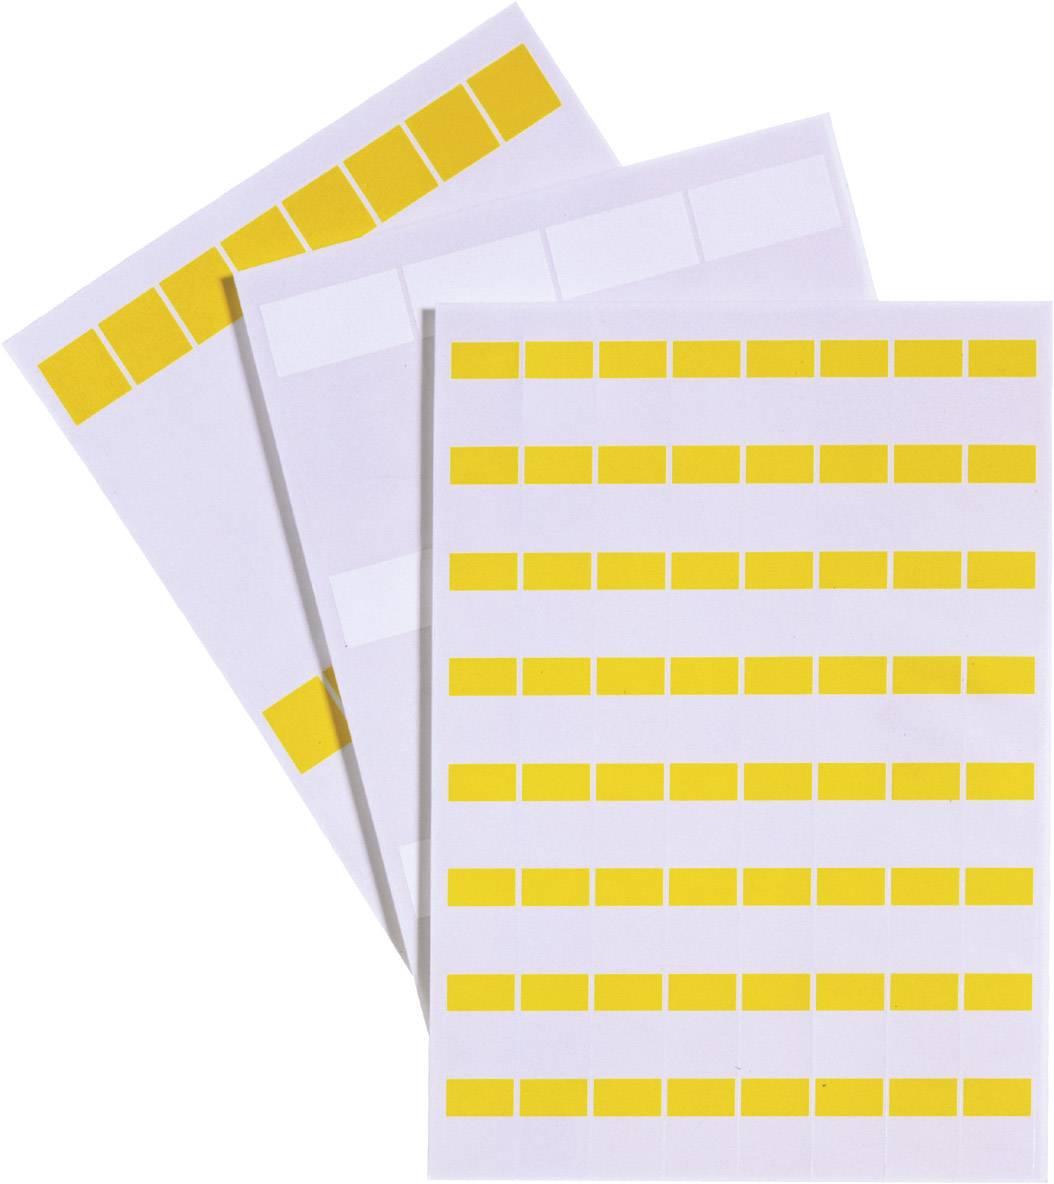 Etikety LappKabel LCK-35 YE (83256144), žlutá